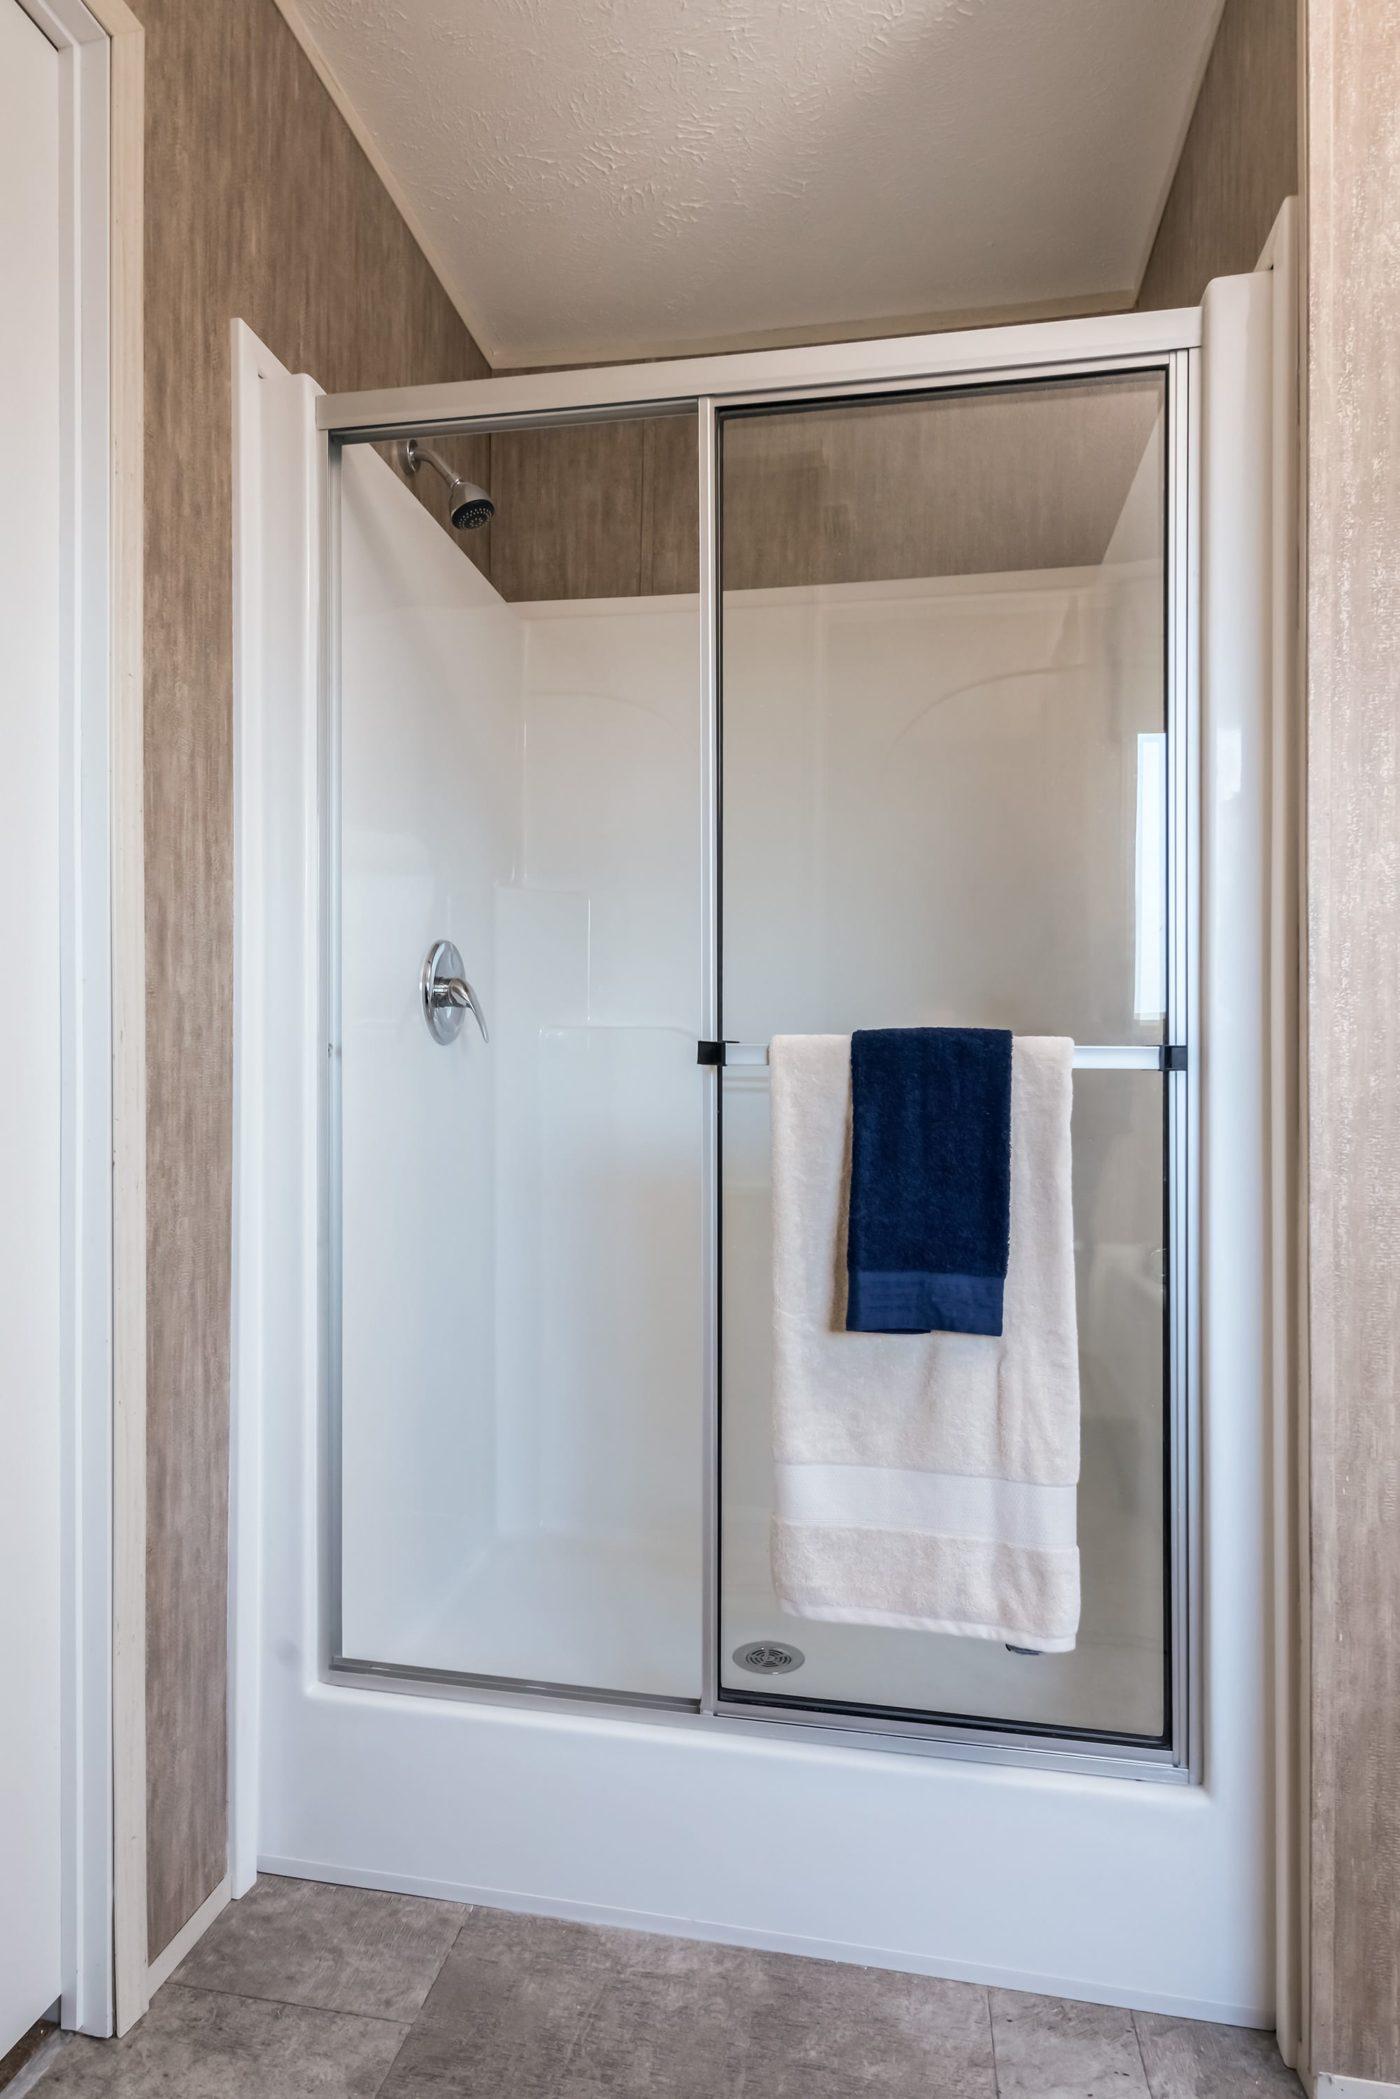 Bigfoot / 9120 - Bathroom